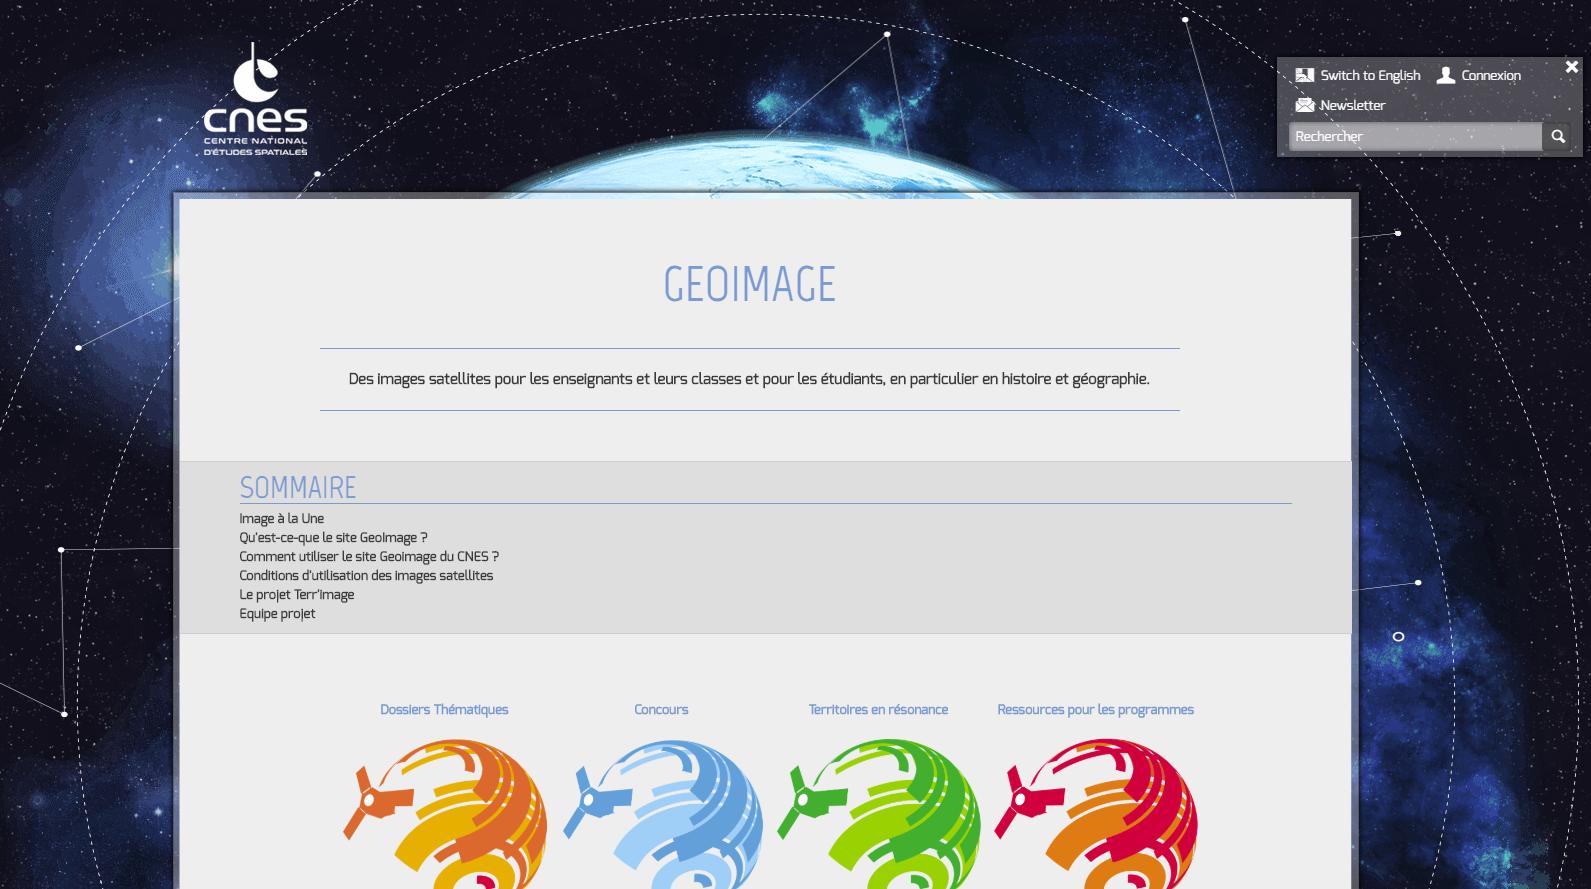 De nouvelles ressources en lien avec les programmes sur Géoimage (CNES)